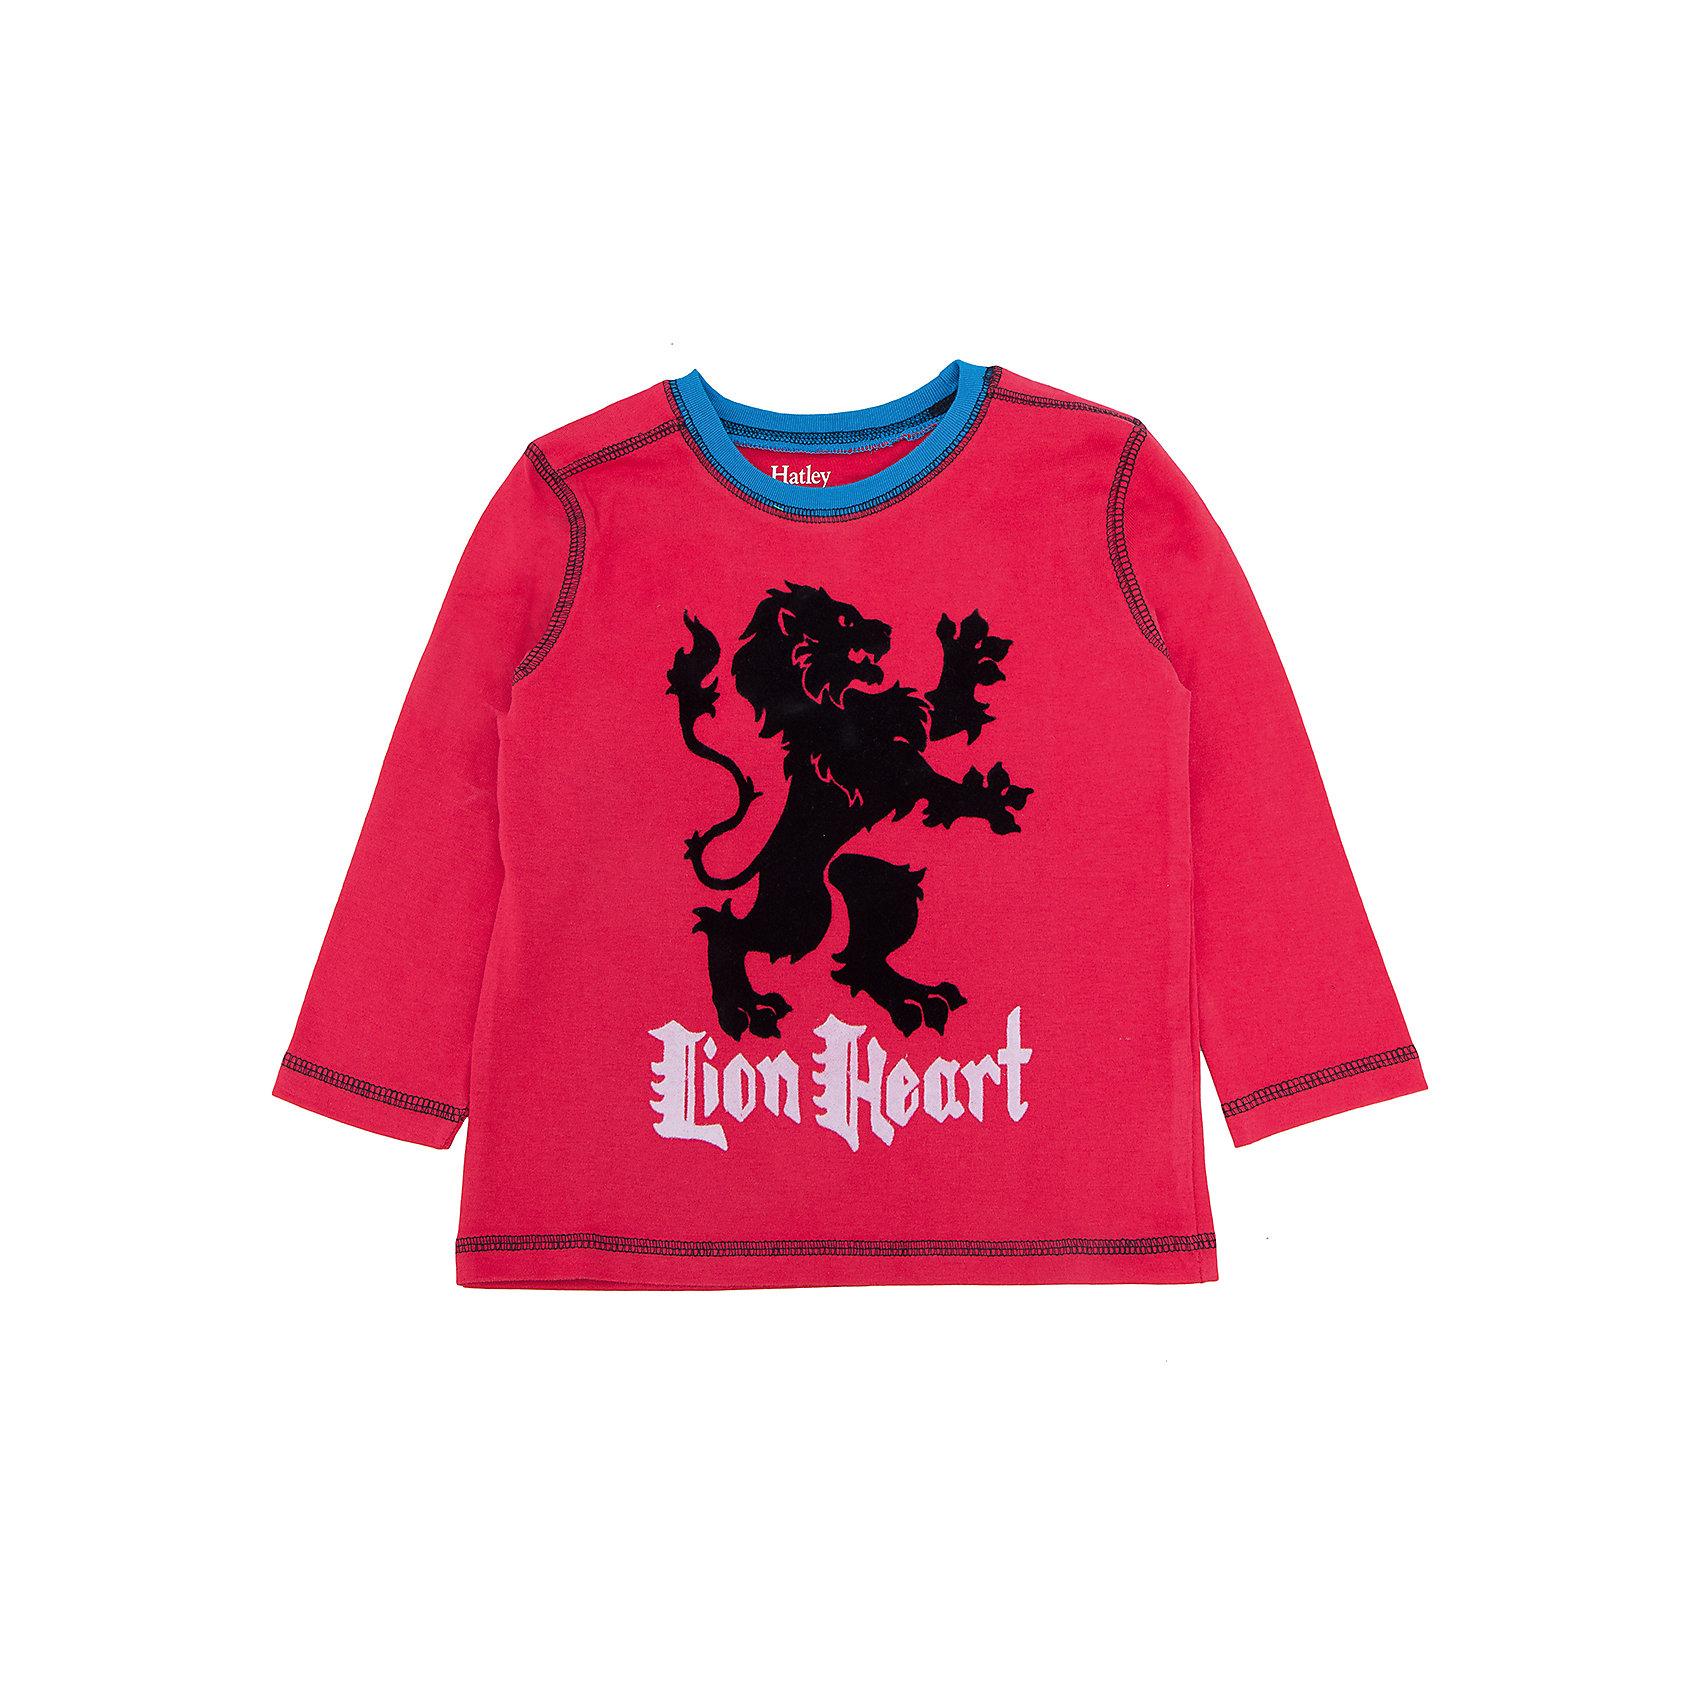 Футболка с длинным рукавом для мальчика HatleyФутболка с длинным рукавом для мальчика Hatley<br><br>Характеристики:<br><br>• Состав: 100% хлопок<br>• Цвет: красный<br><br>Красивая и модная футболка с длинными рукавами идеально подойдет для летней прохладной погоды или для носки в помещении. Благодаря тому, что ткань натуральная и не вызывает аллергии, ребенок сможет бегать и прыгать, не боясь, что вспотеет и на коже будут раздражения. Яркий и забавный принт-аппликация со львом делает футболку еще и очень привлекательной. Контраст рукавов и кофты, прострочка воротника, рукавов и низа делает дизайн футболки неповторимым.<br><br>Футболку с длинным рукавом для мальчика Hatley можно купить в нашем интернет-магазине.<br><br>Ширина мм: 230<br>Глубина мм: 40<br>Высота мм: 220<br>Вес г: 250<br>Цвет: красный<br>Возраст от месяцев: 18<br>Возраст до месяцев: 24<br>Пол: Мужской<br>Возраст: Детский<br>Размер: 92,128,122,116,110,104,98<br>SKU: 5020663